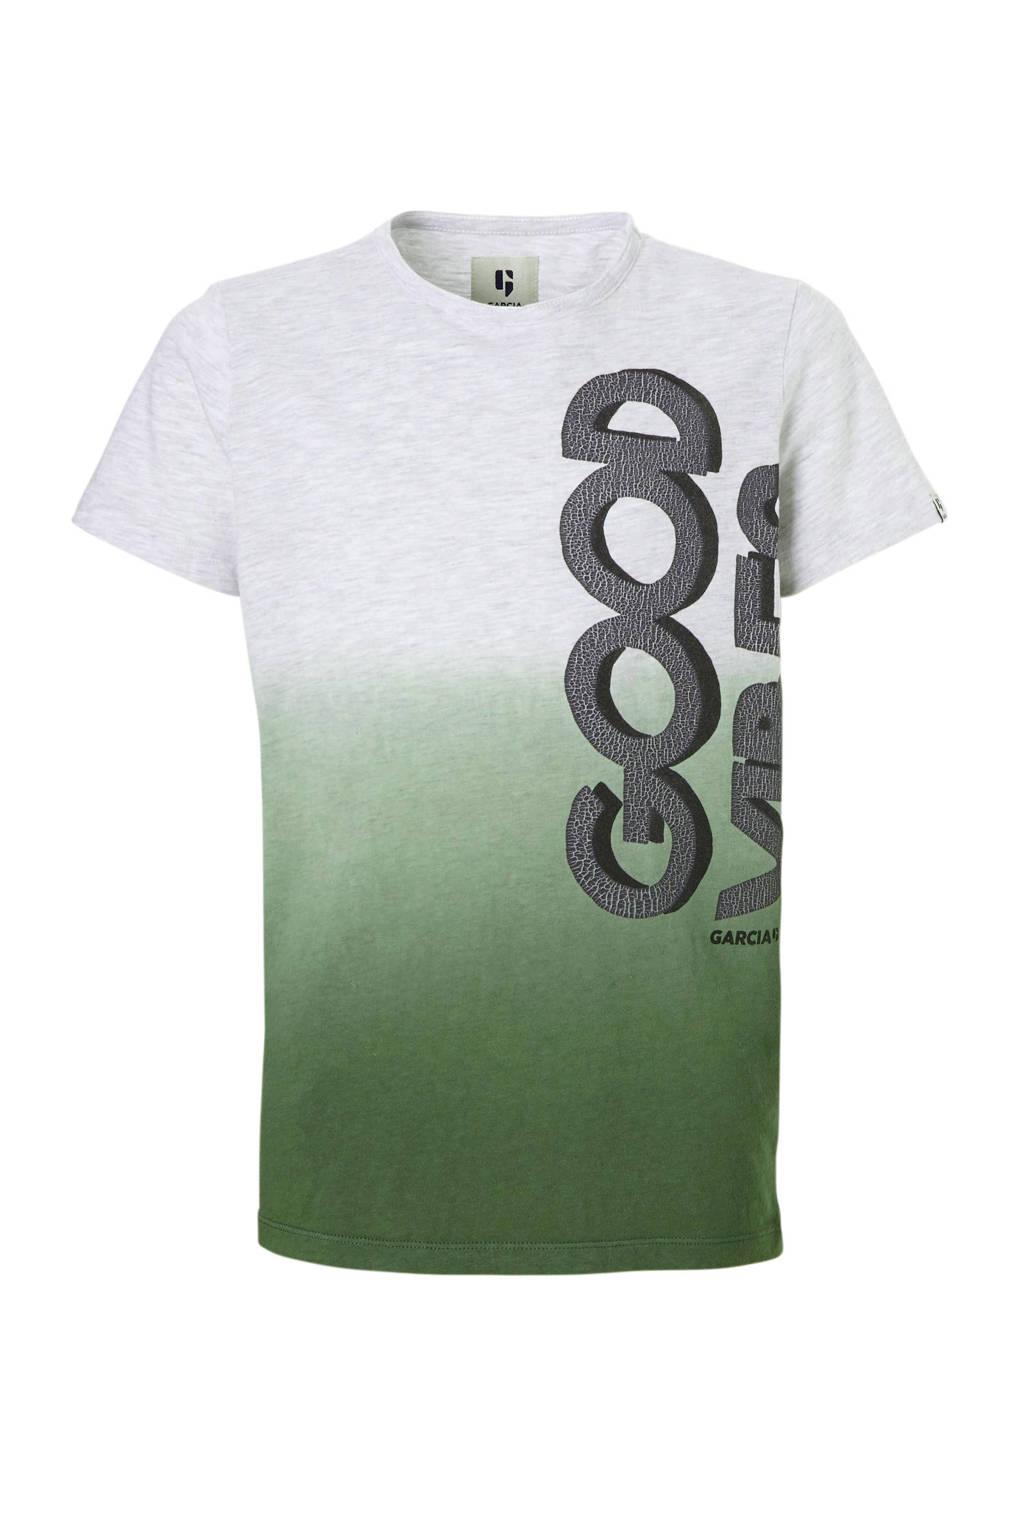 Garcia T-shirt met tekst grijs, Grijs melange/groen